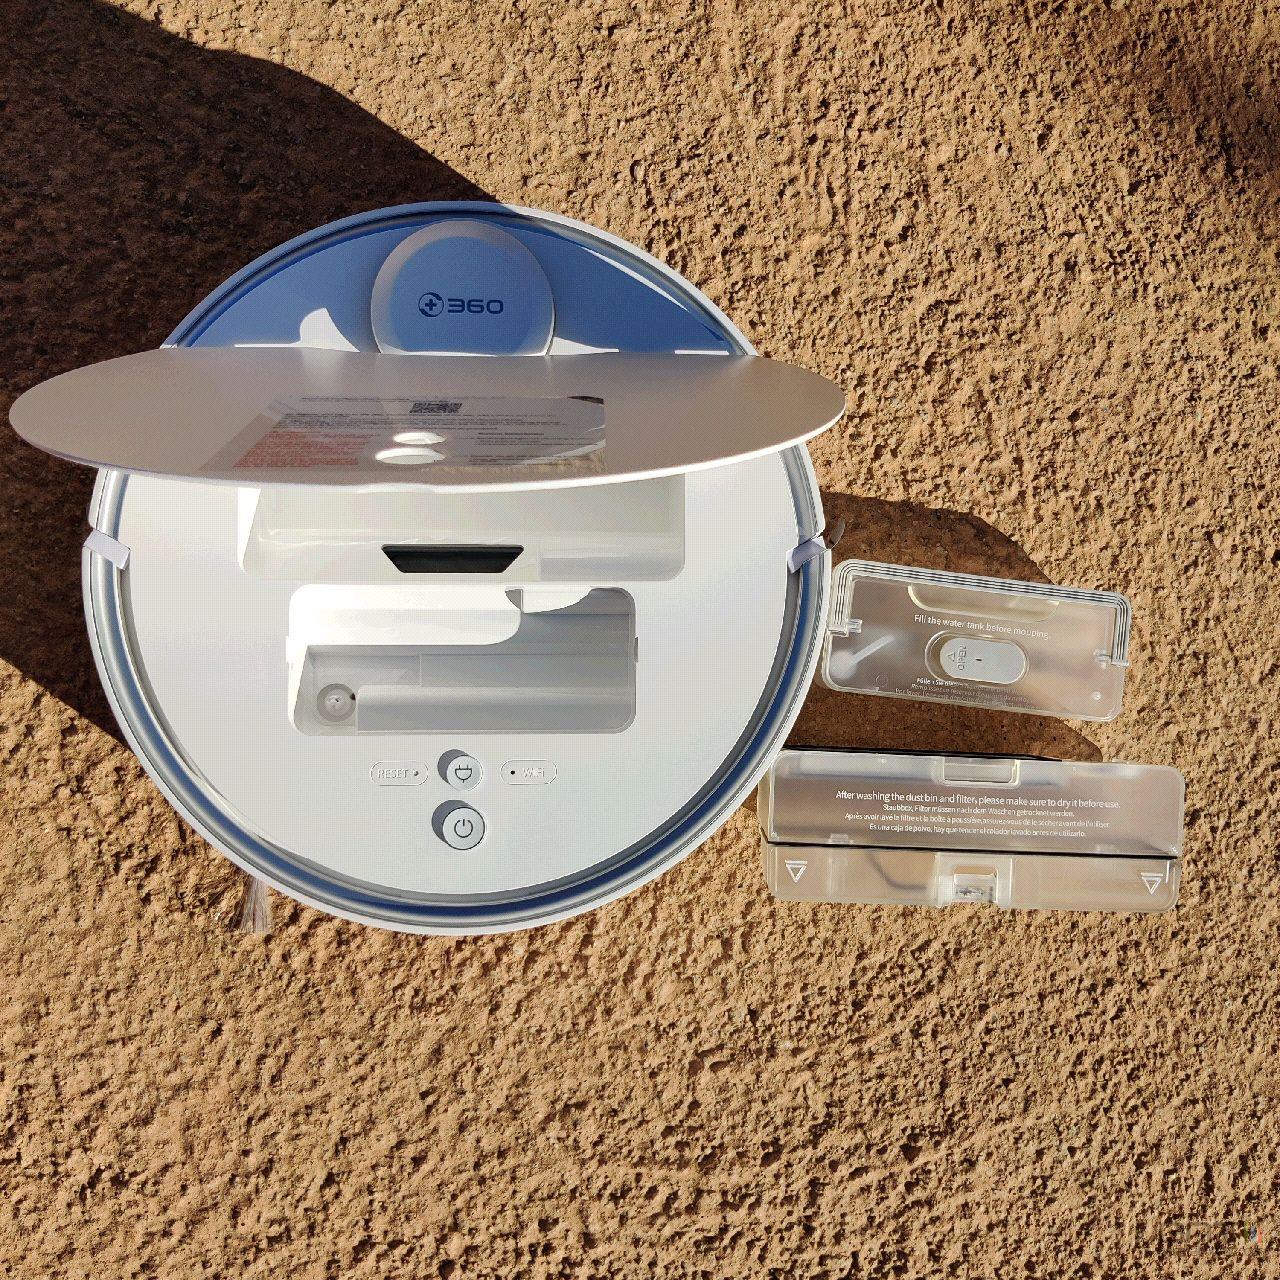 Test du 360 S6 Pro : un robot aspirateur et laveur de sol